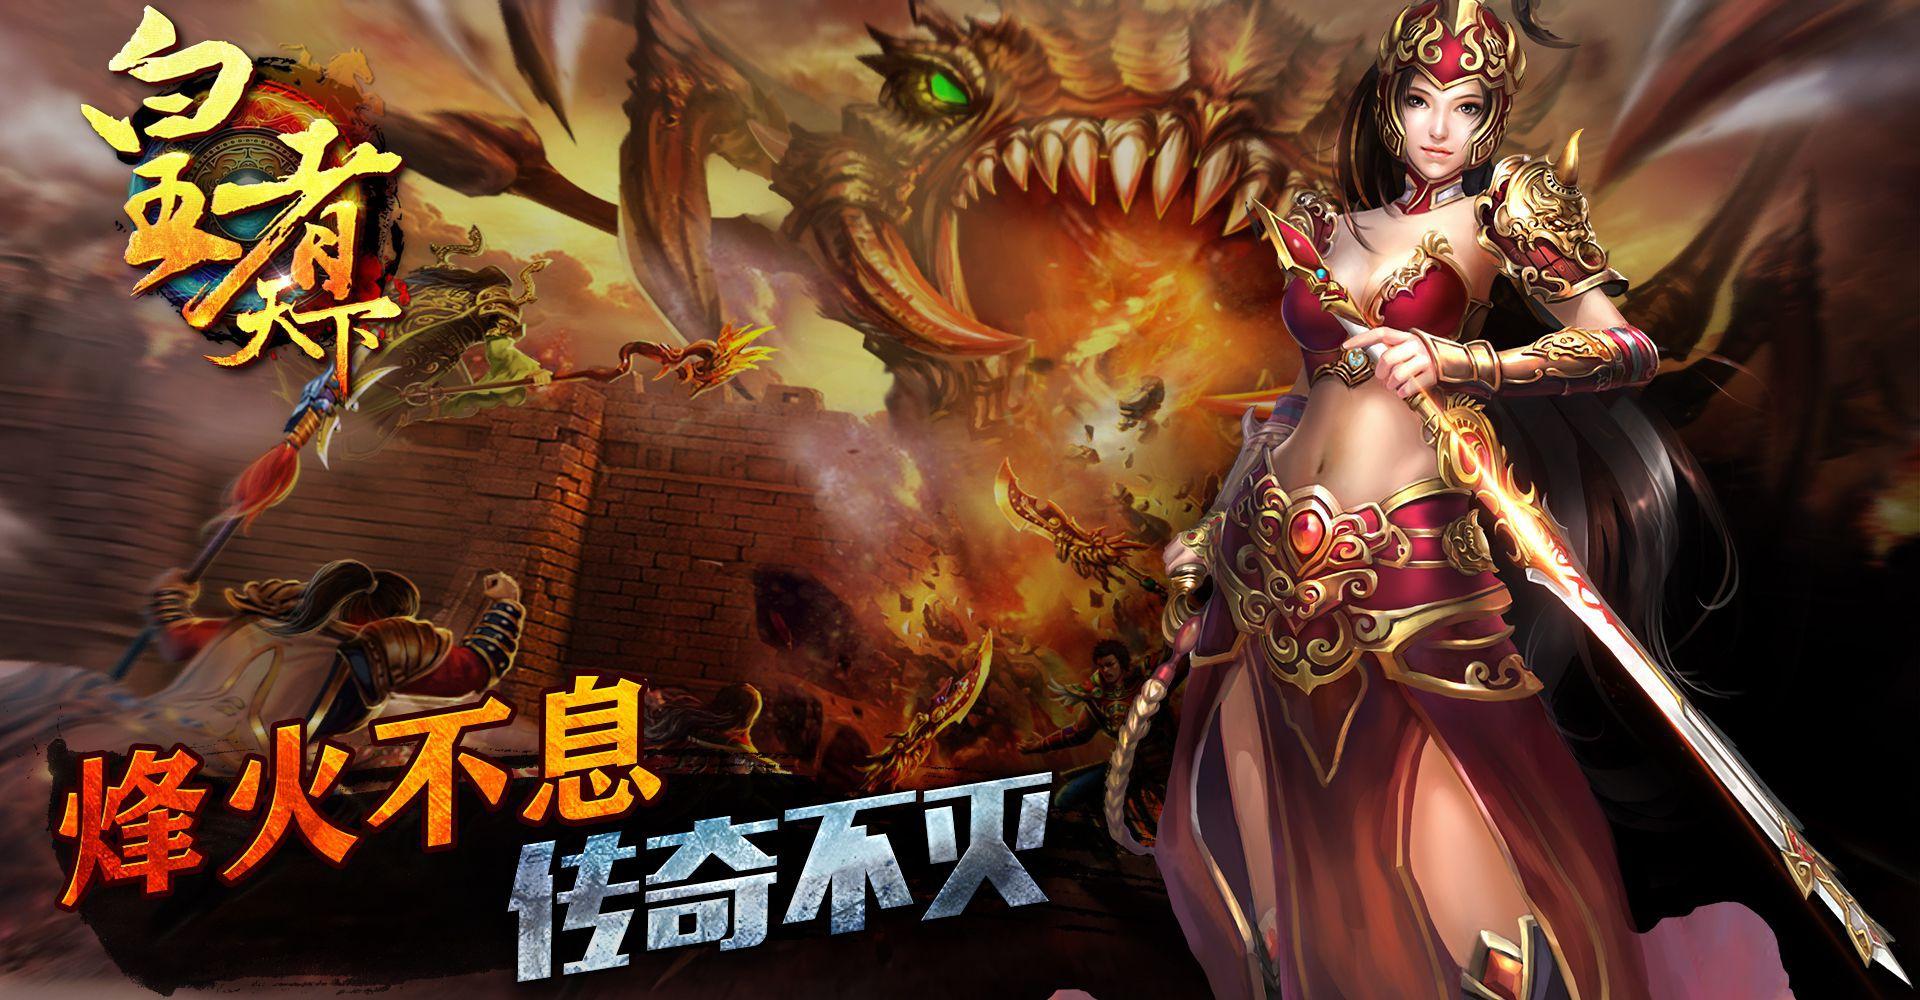 暗黑风格MMORPG手游【皇者天下】今日10:30火爆来袭!